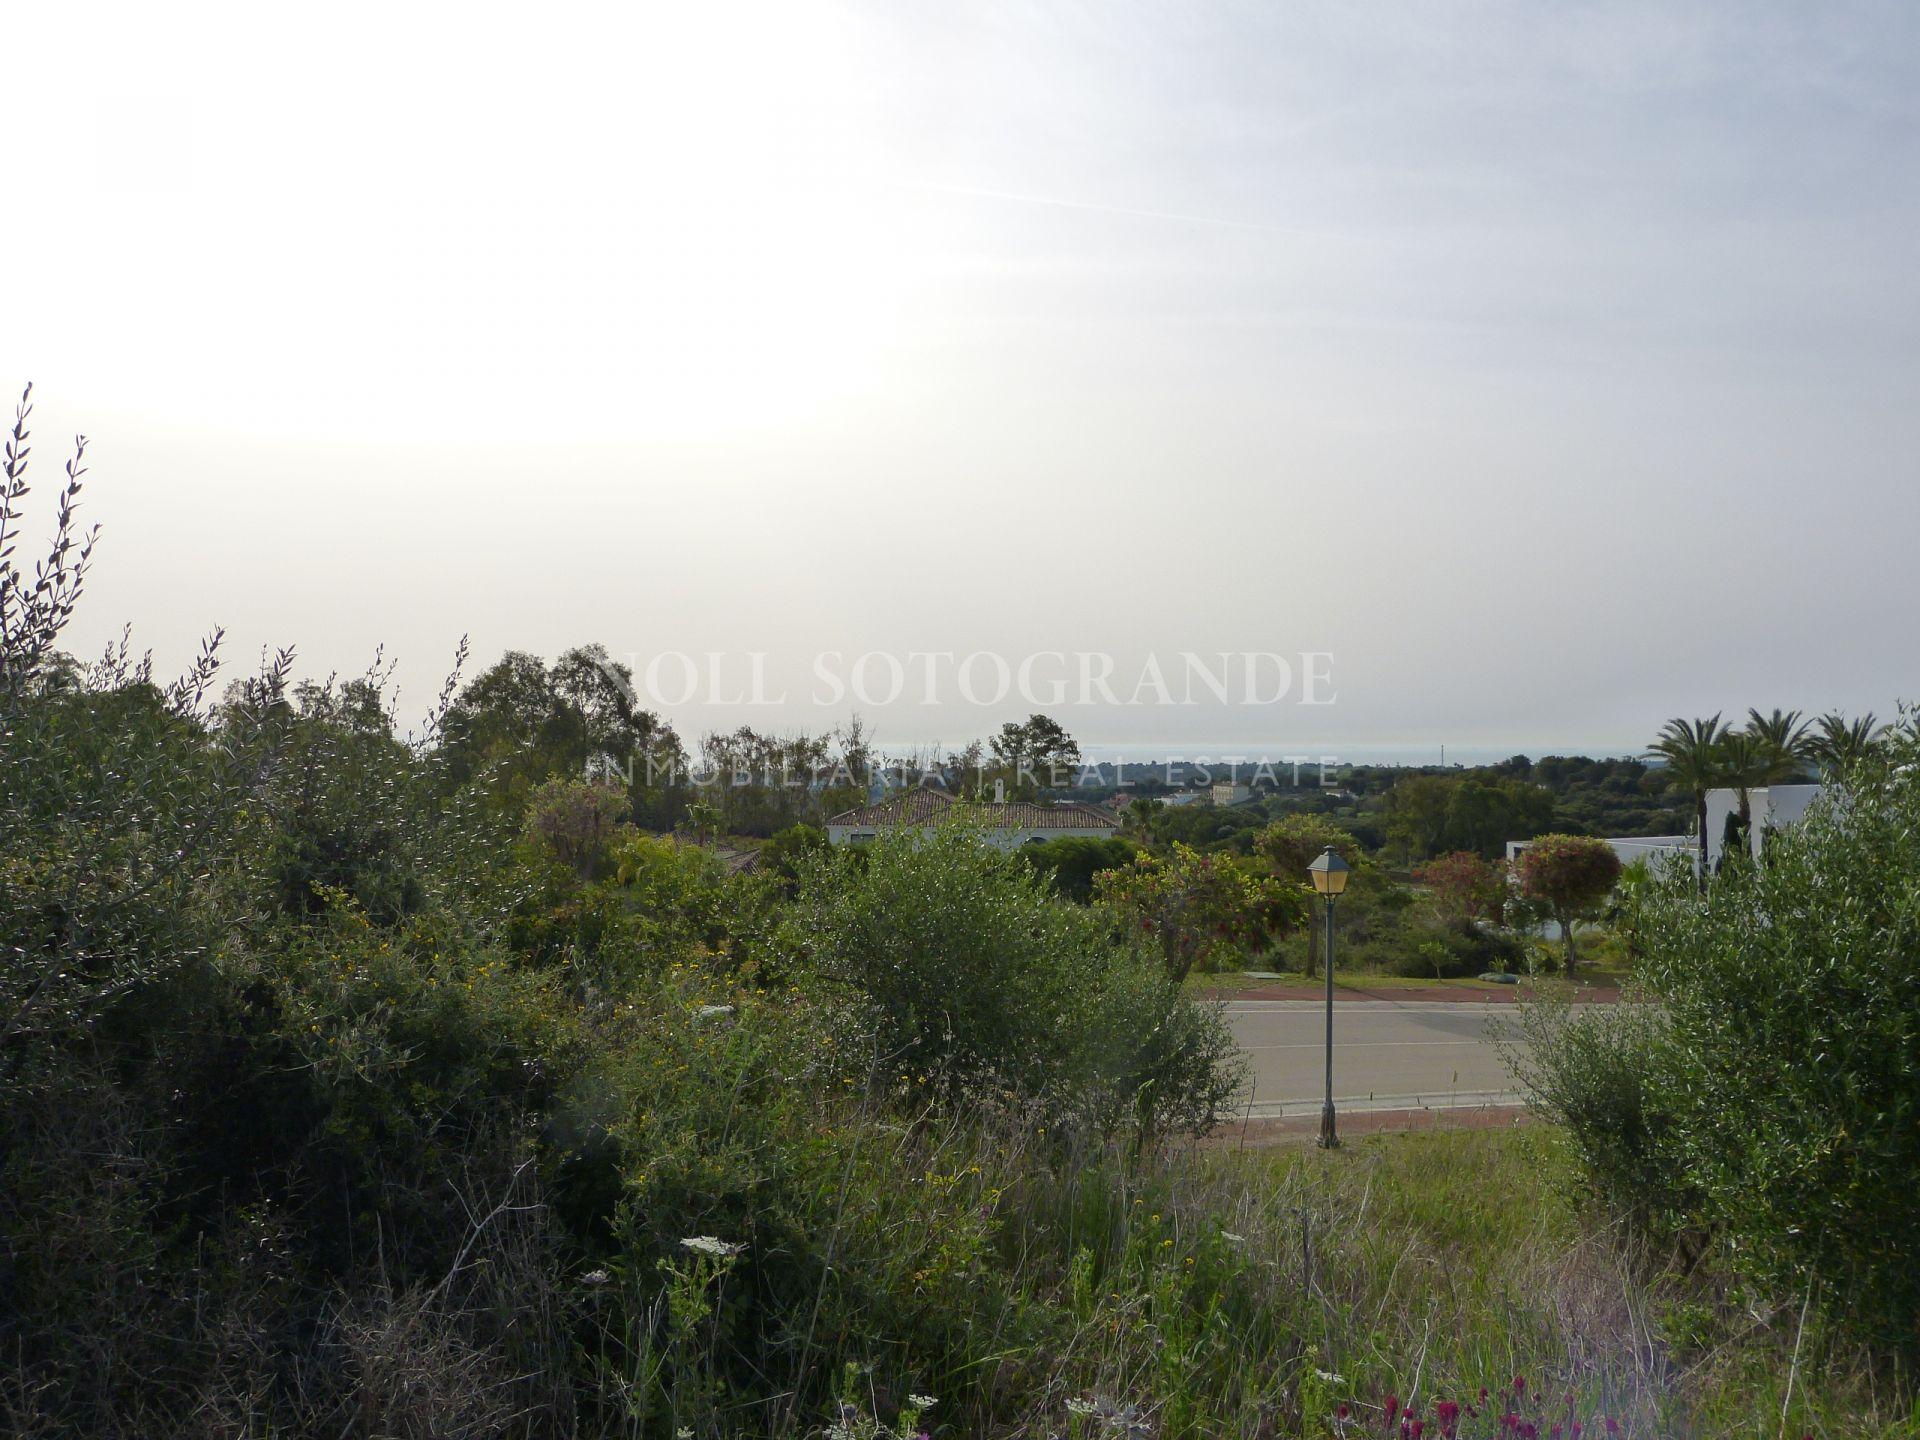 Parcela con vistas al mar en venta en La Reserva de Sotogrande